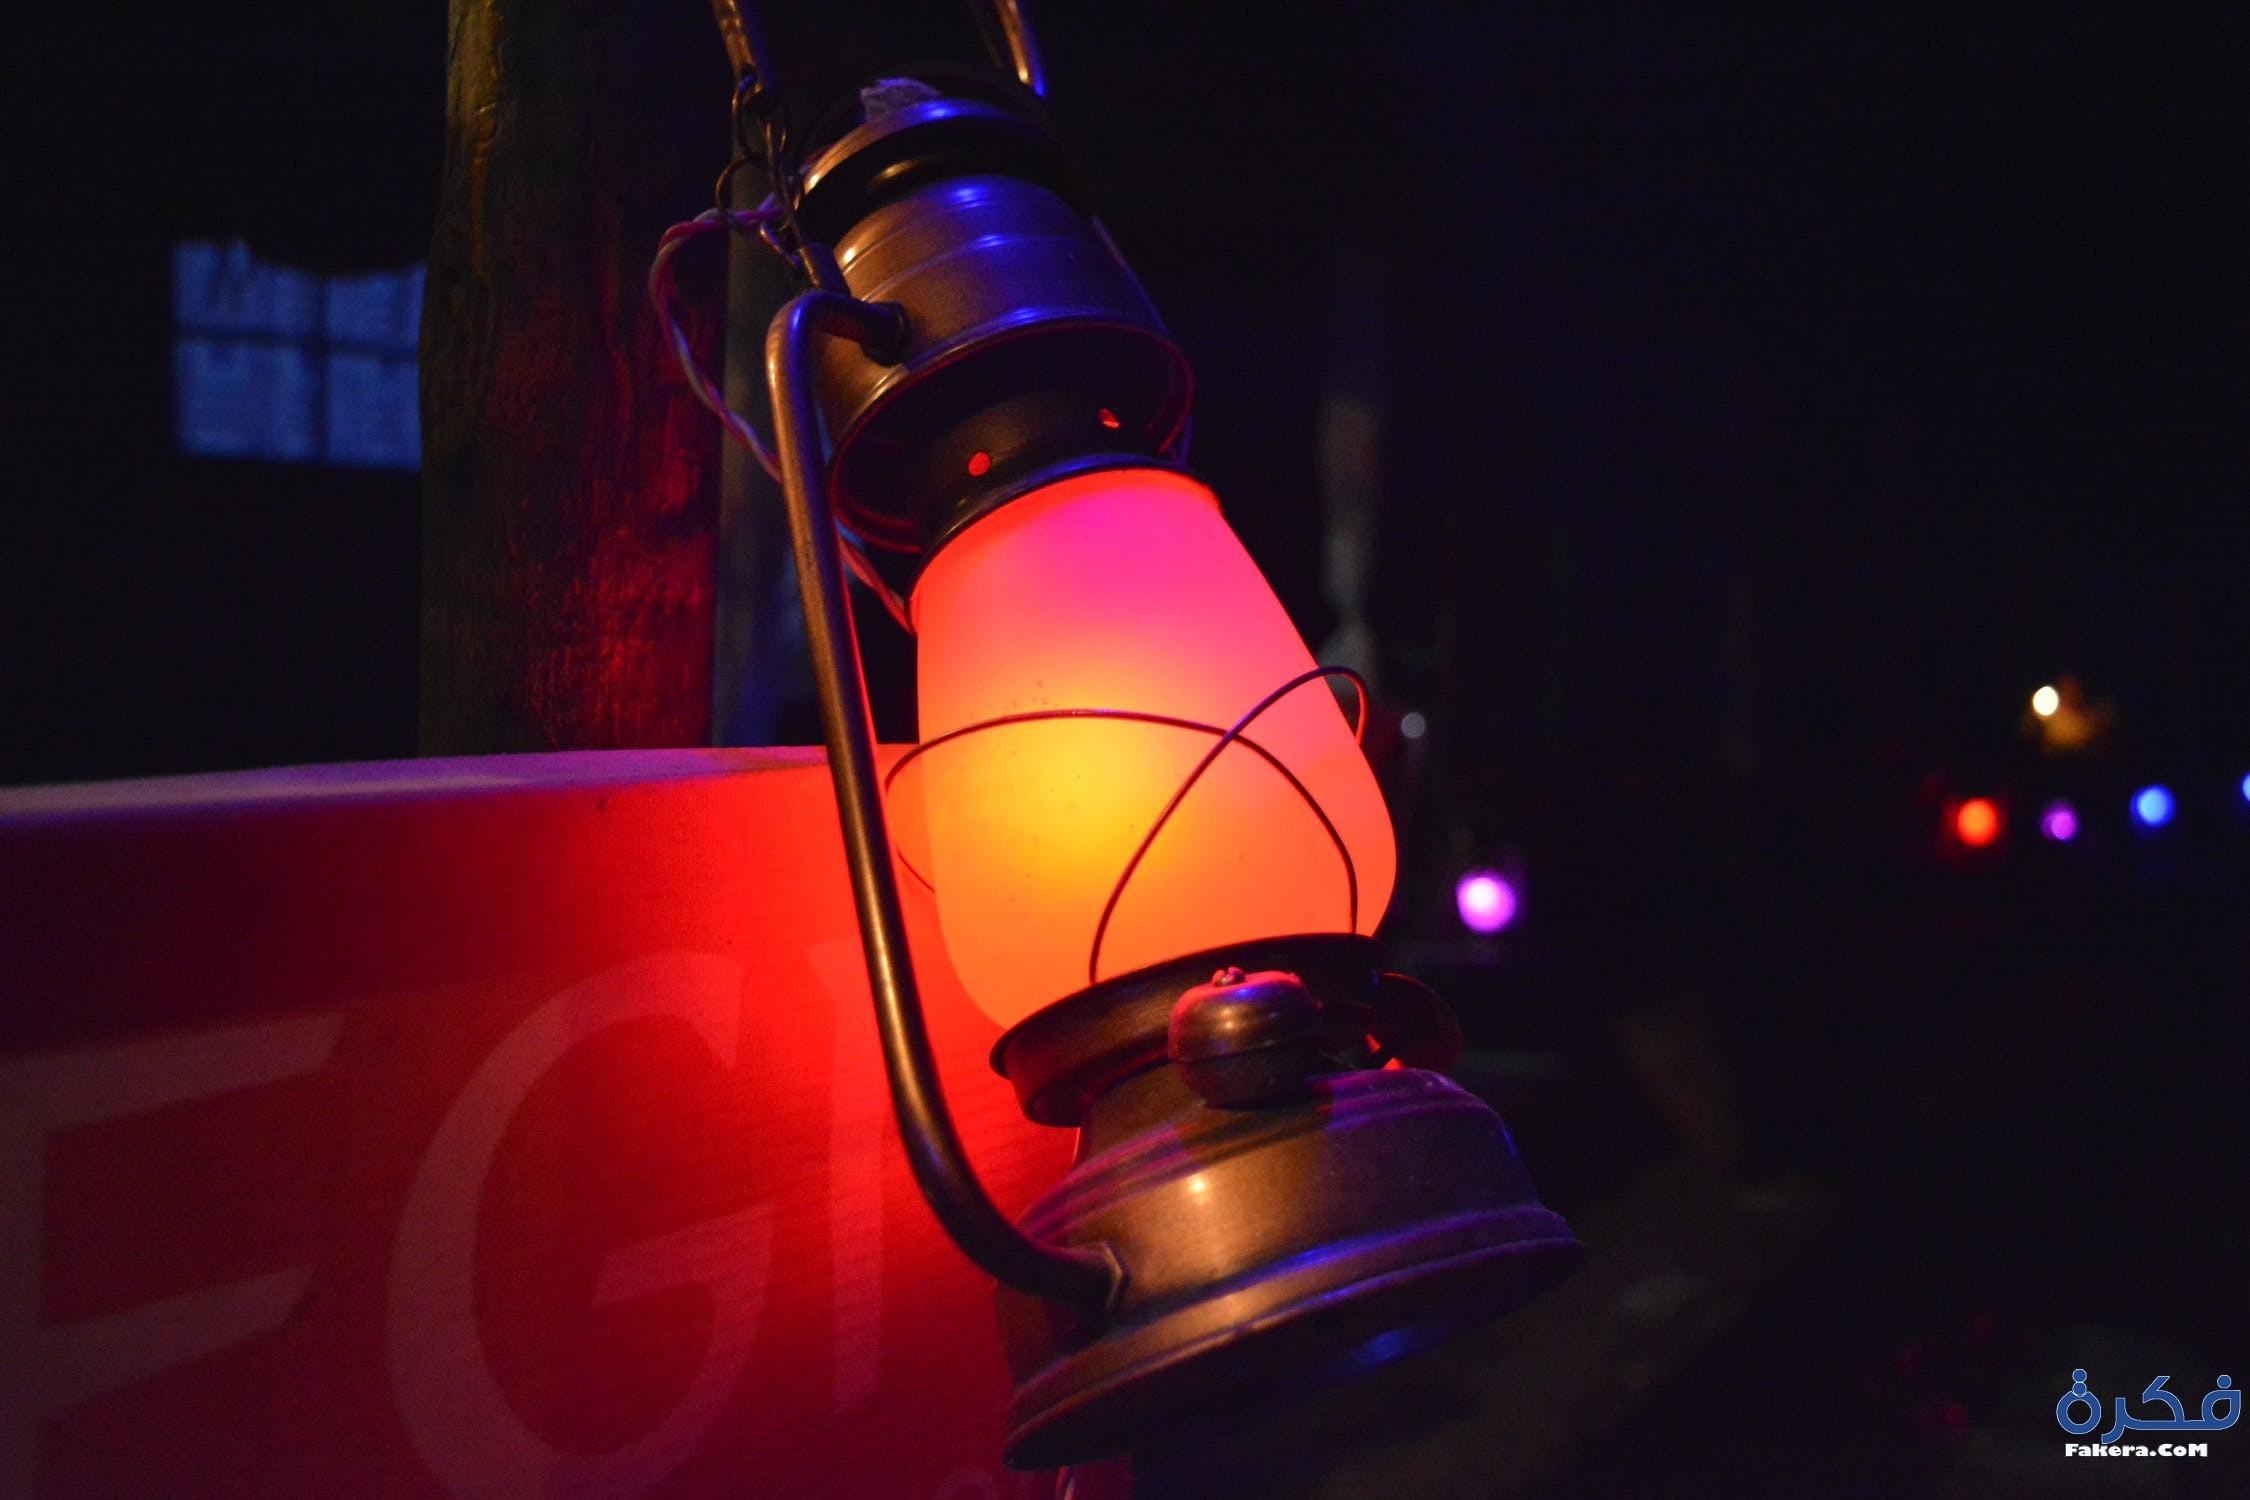 بالصور اشكال فوانيس رمضان , اجمل شكل لفانوس رمضان المميز